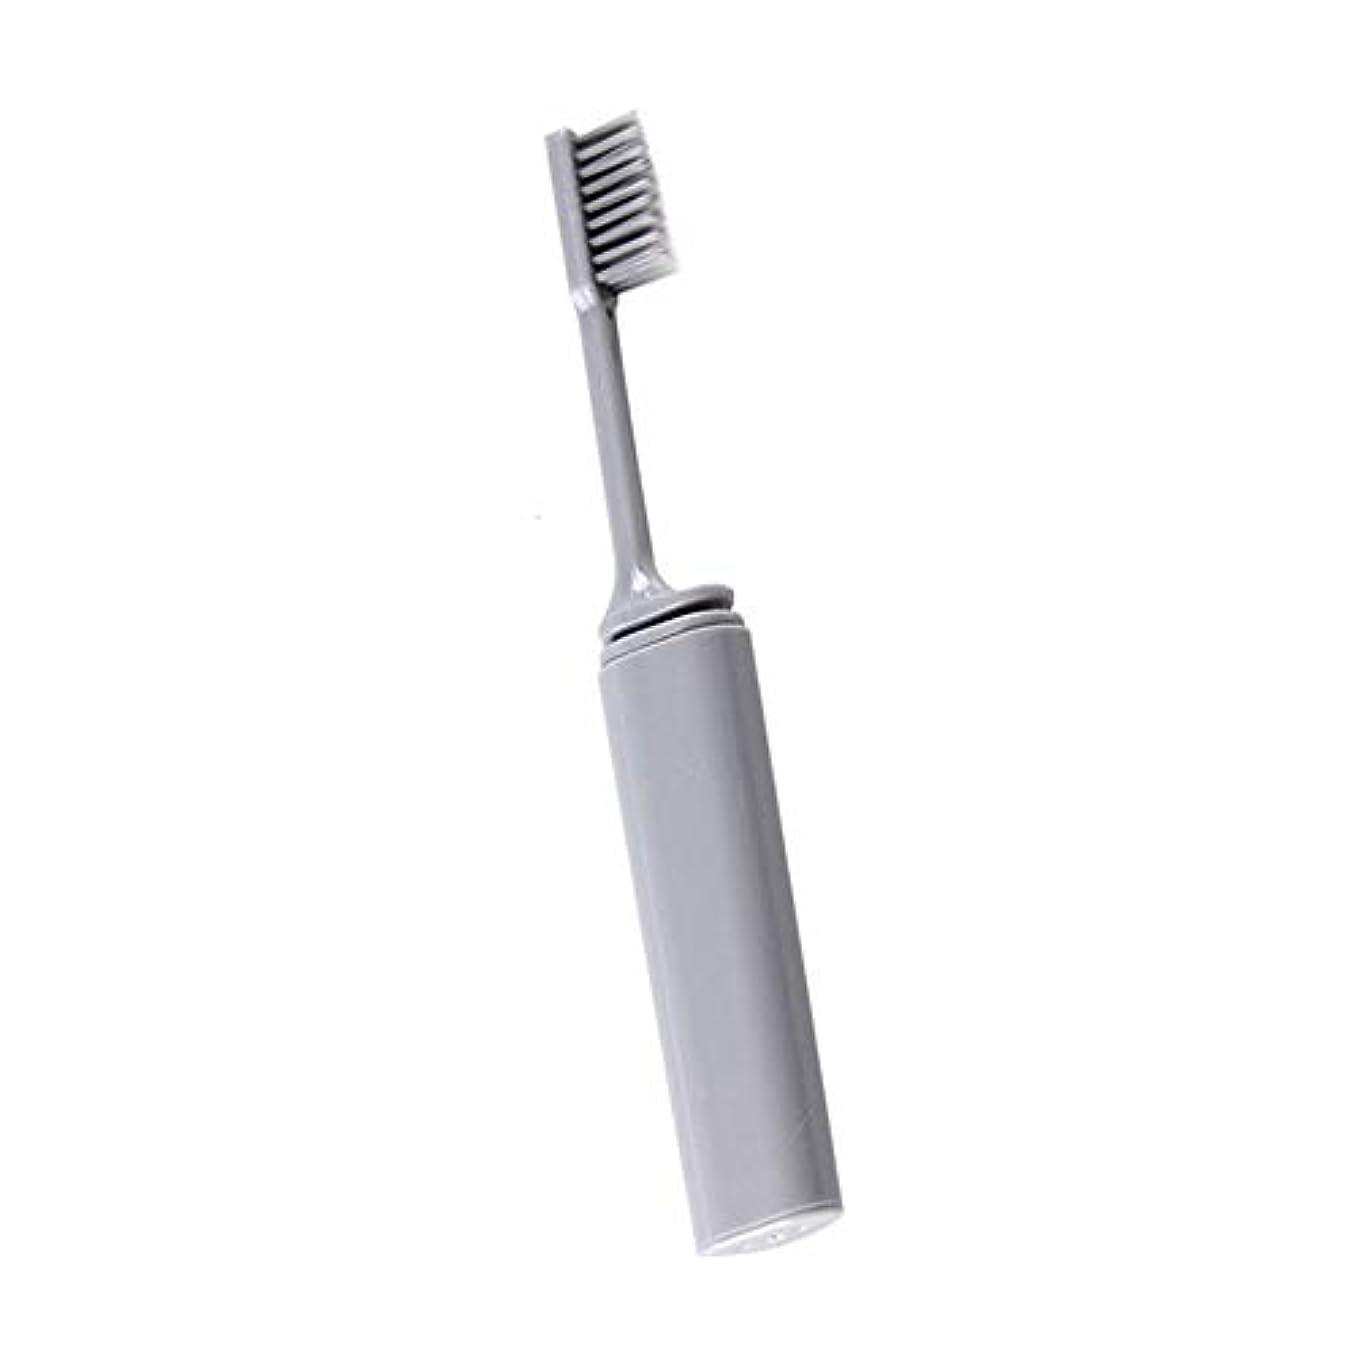 彼女脱獄形成Onior 旅行歯ブラシ 折りたたみ歯ブラシ 携帯歯ブラシ 外出 旅行用品, ソフト コンパクト歯ブラシ 便利 折りたたみ 耐久性 携帯用 灰色